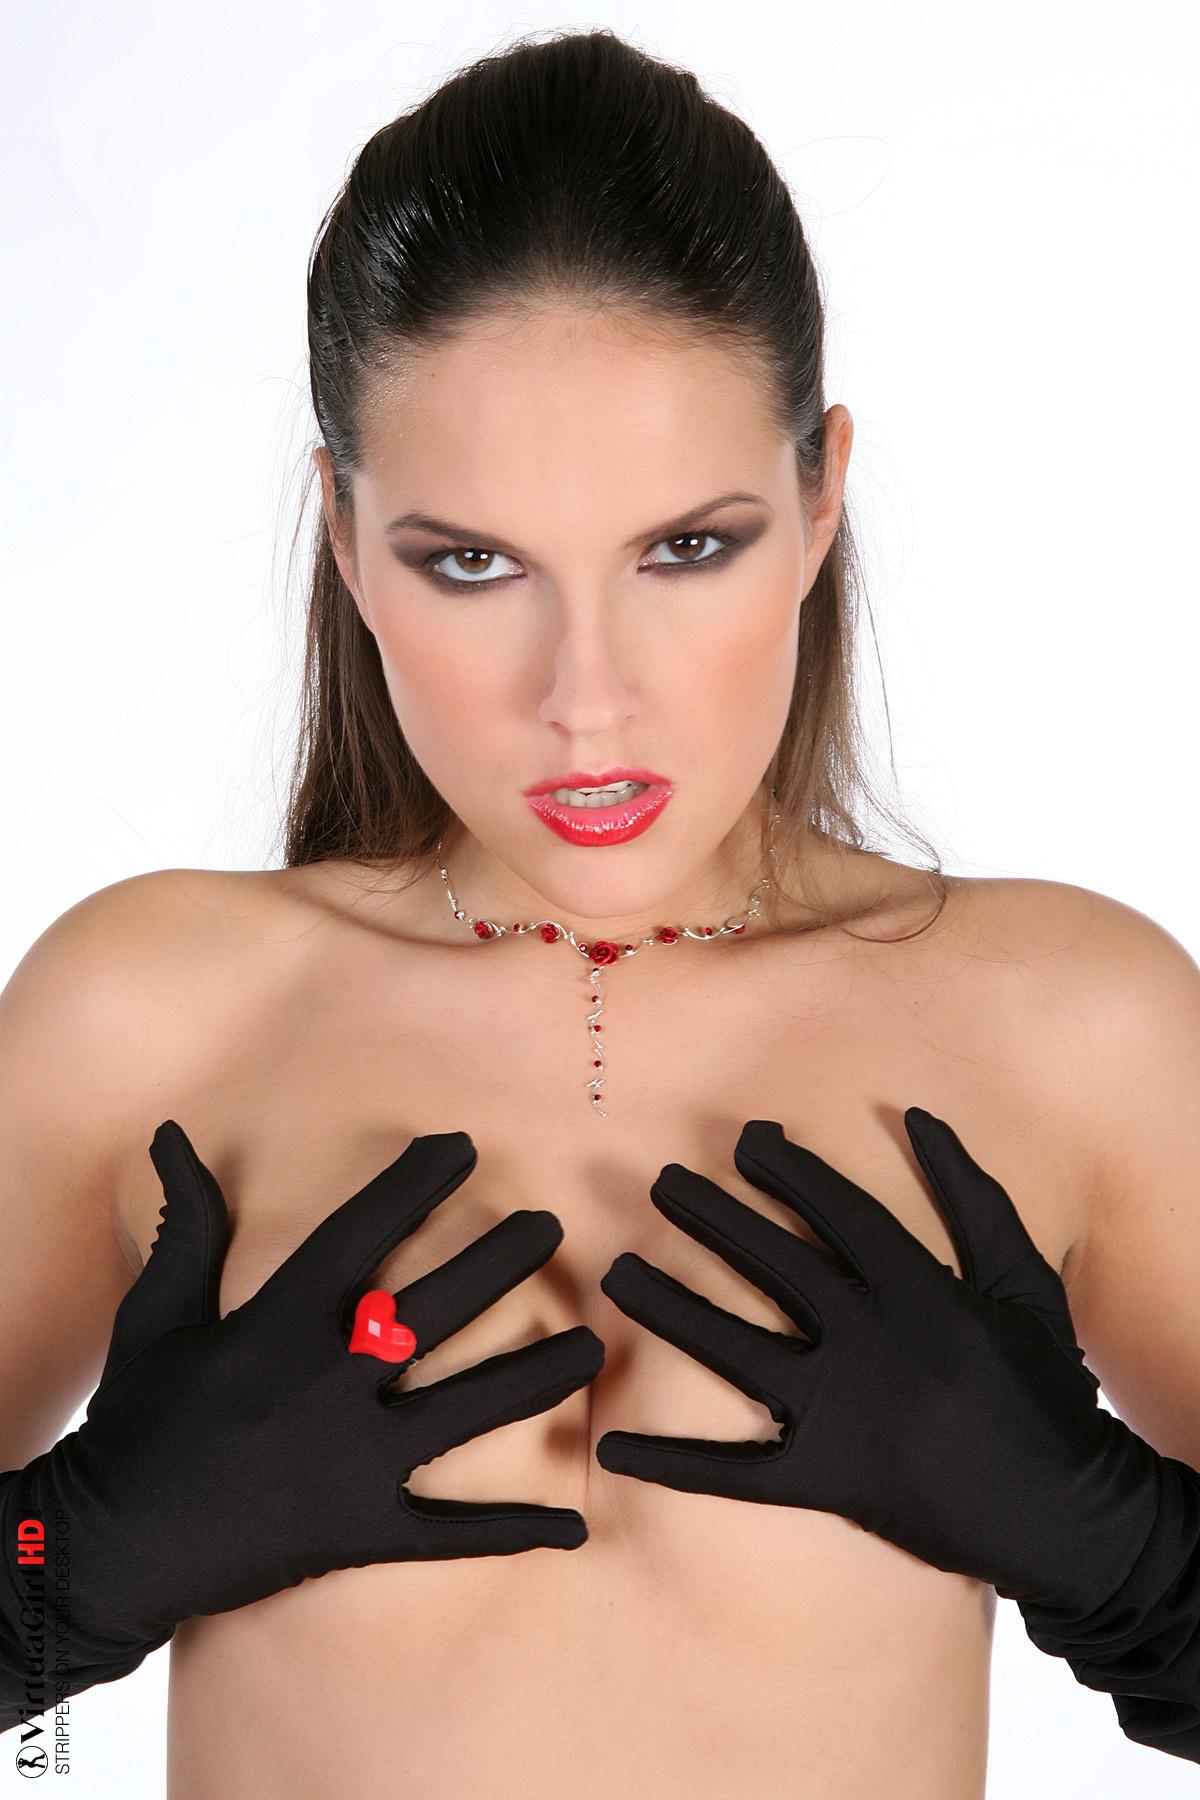 amatuer girls stripping